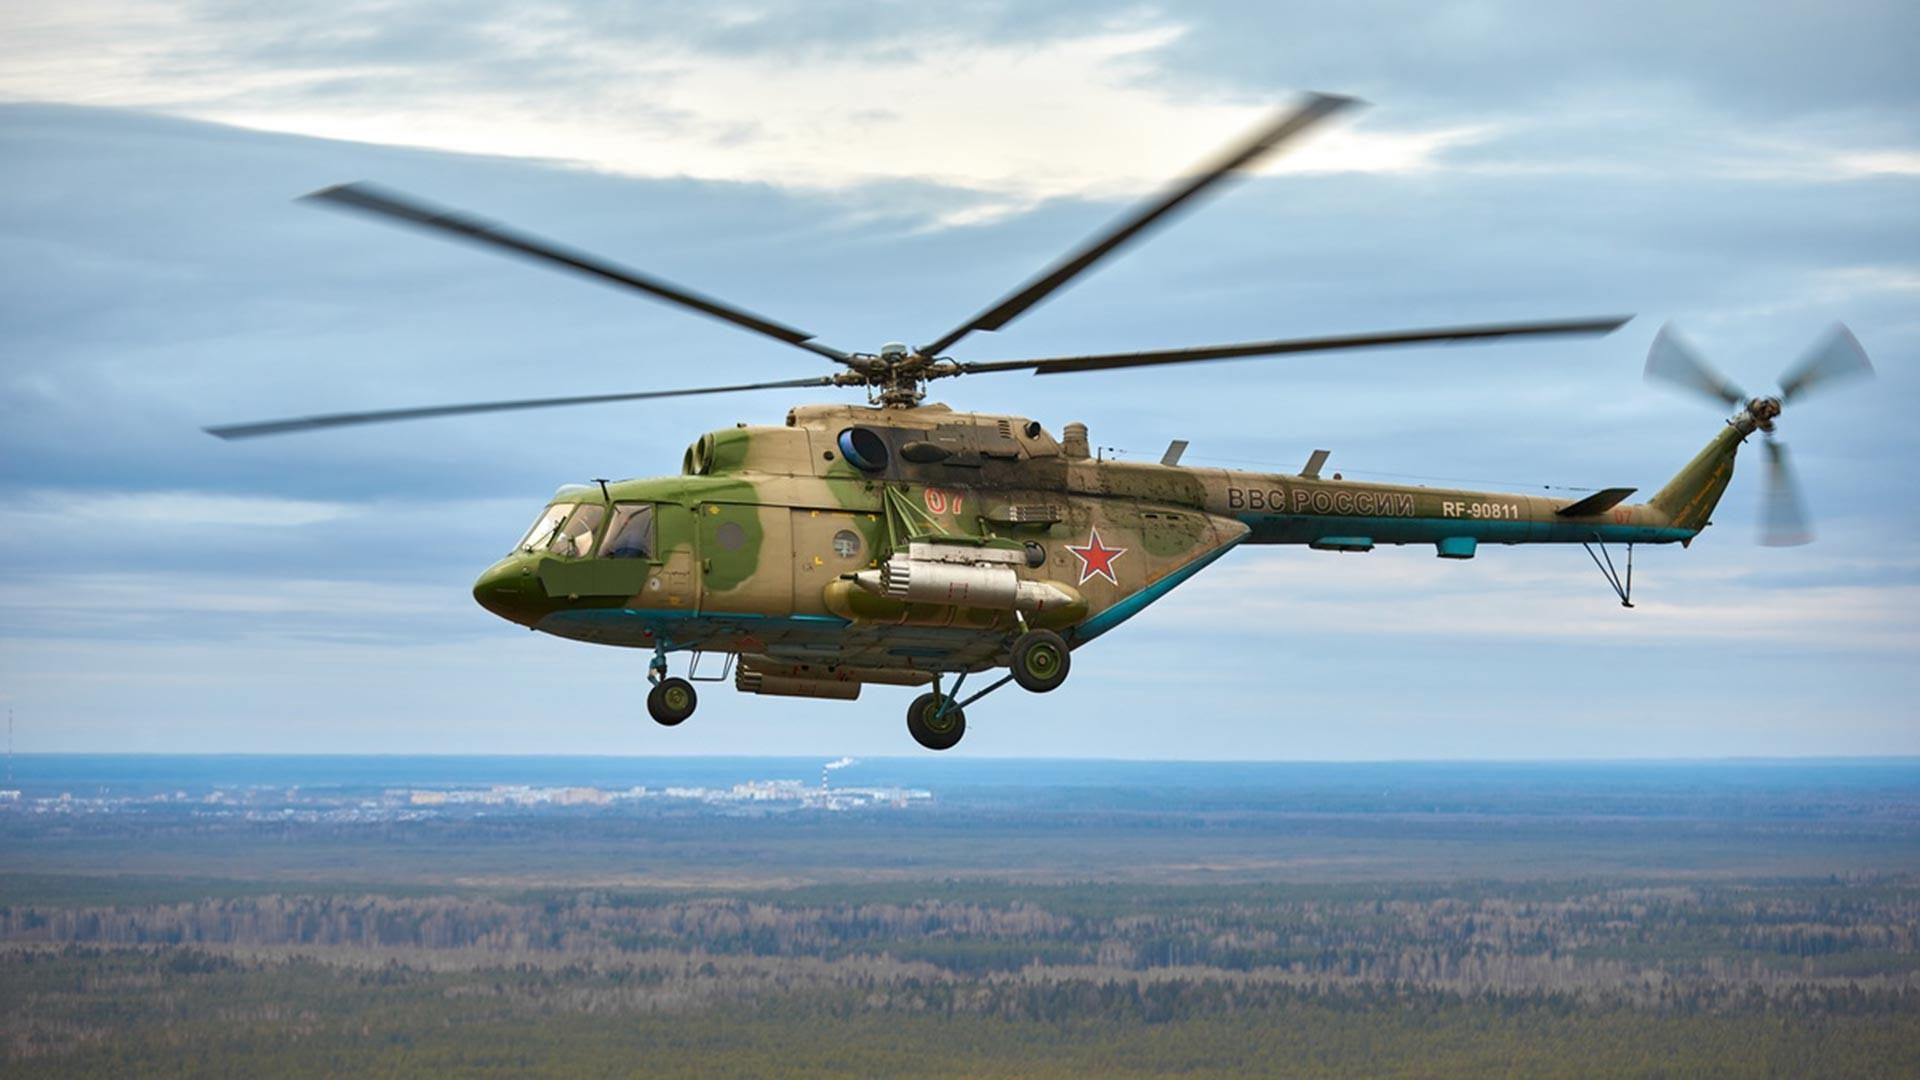 """Ми-8 на једној од етапа међународног војног такмичења """"Авиадартс-2020""""."""